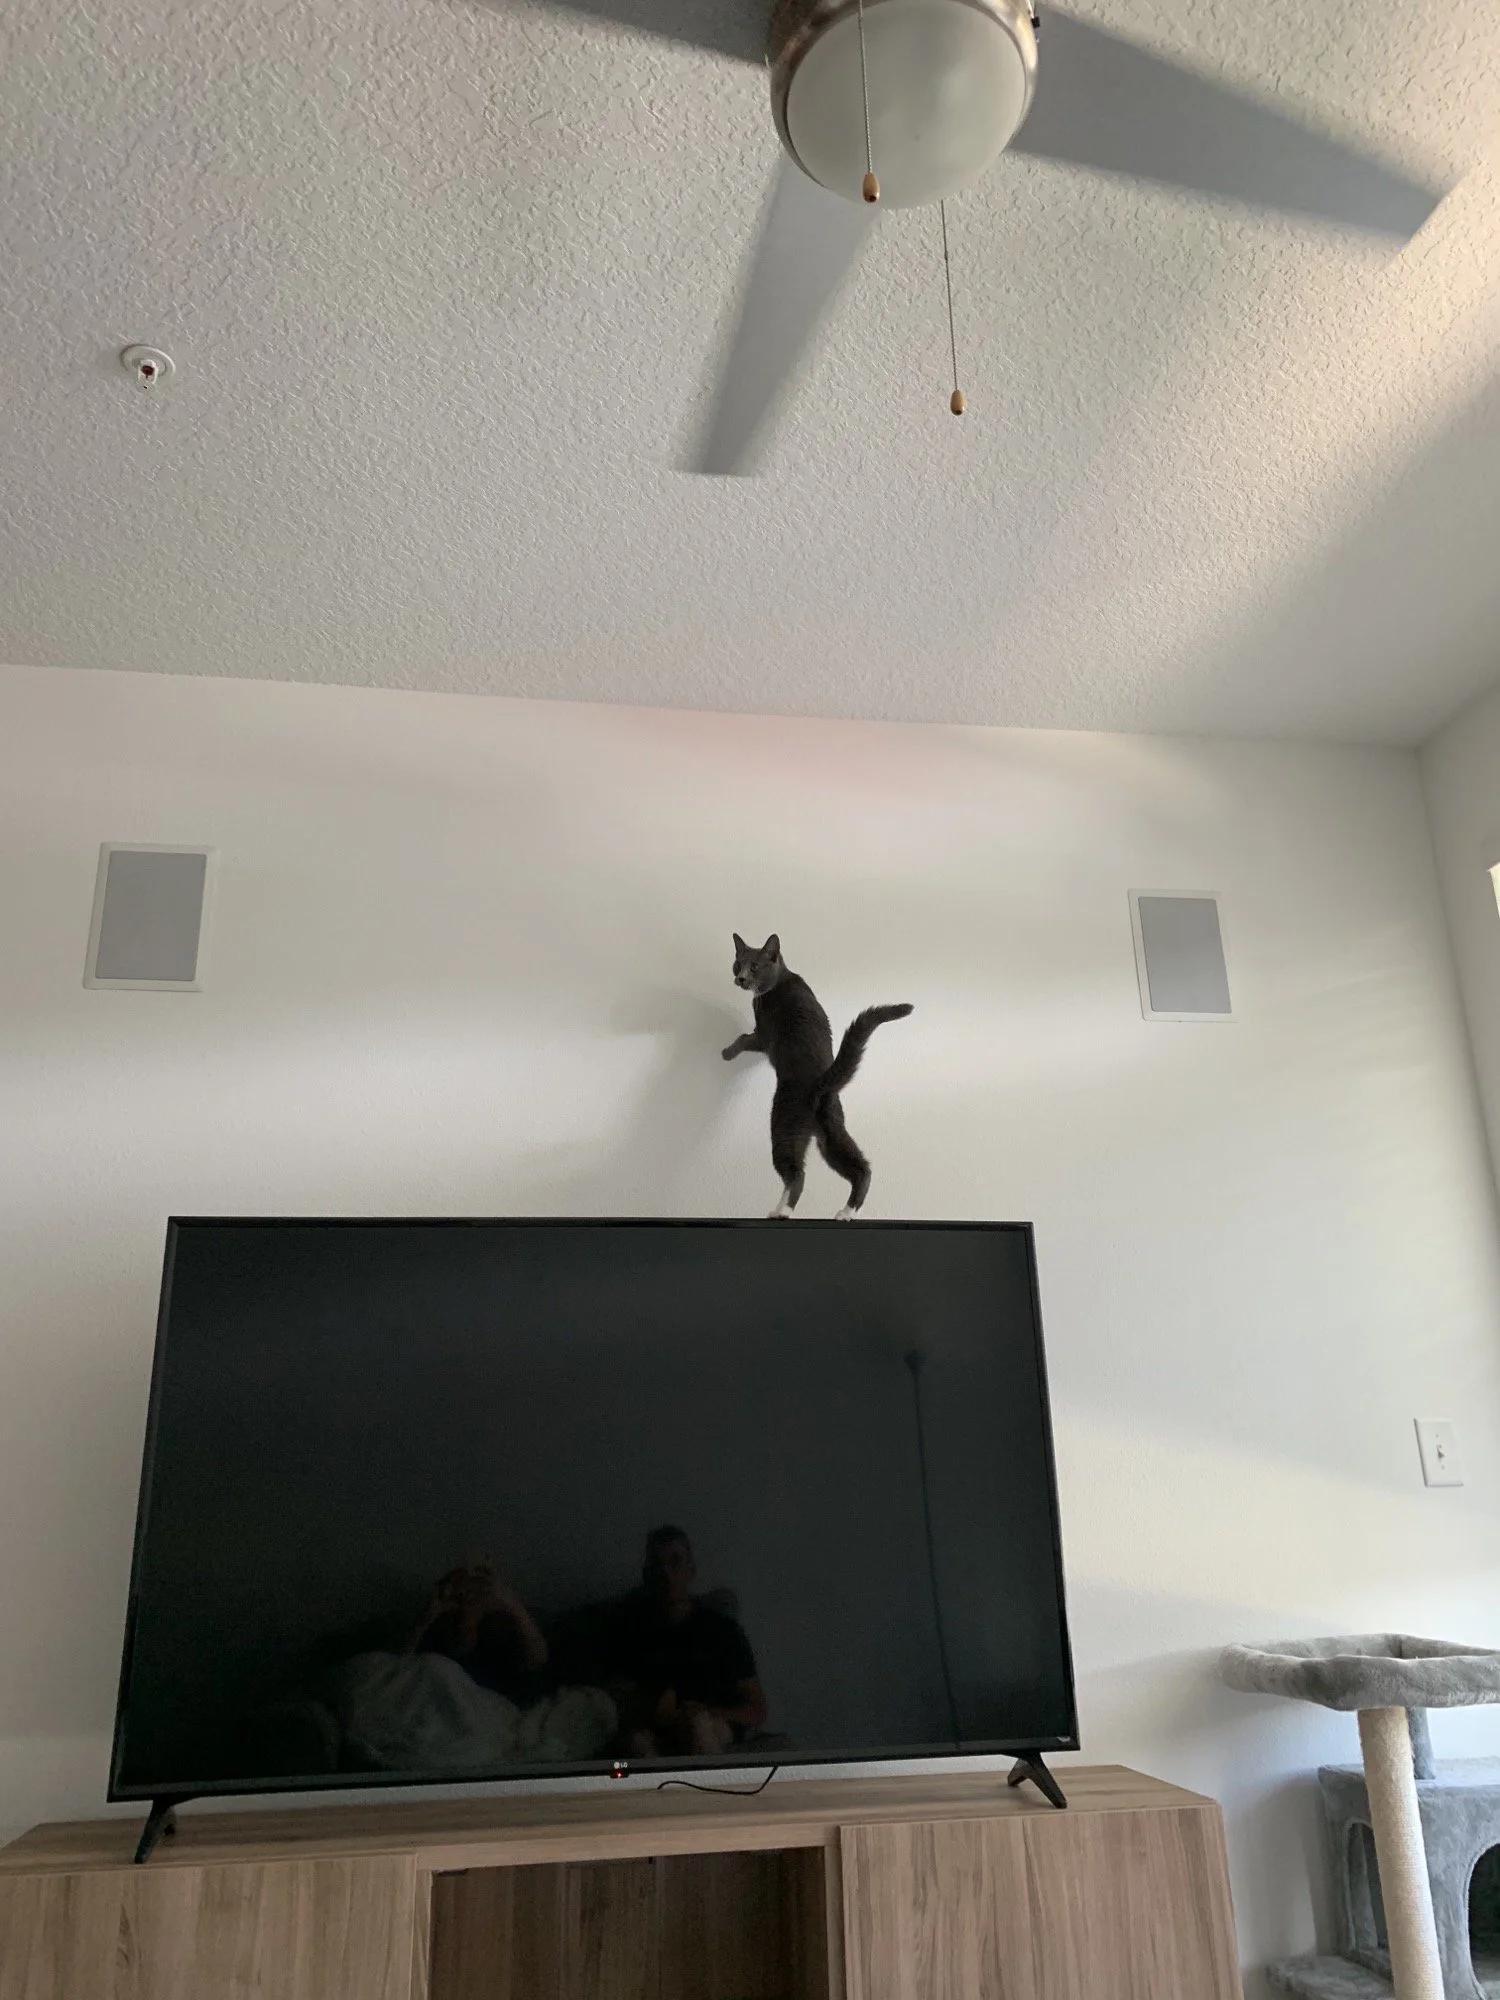 gato en television